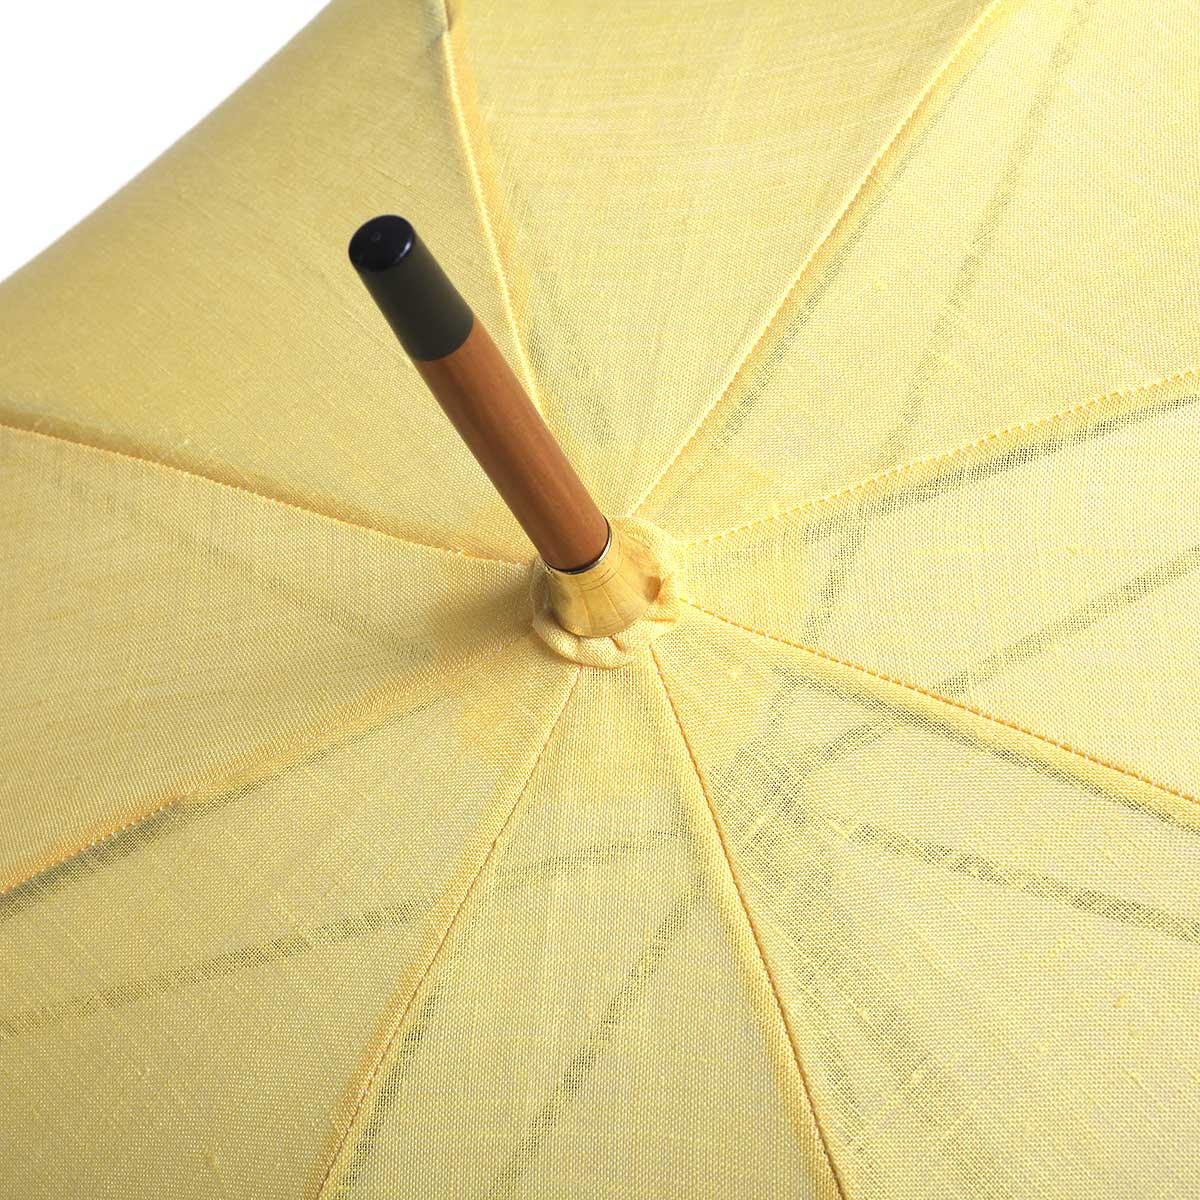 【晴雨兼用傘】レディース フレンチリネン無地 長傘 詳細画像7